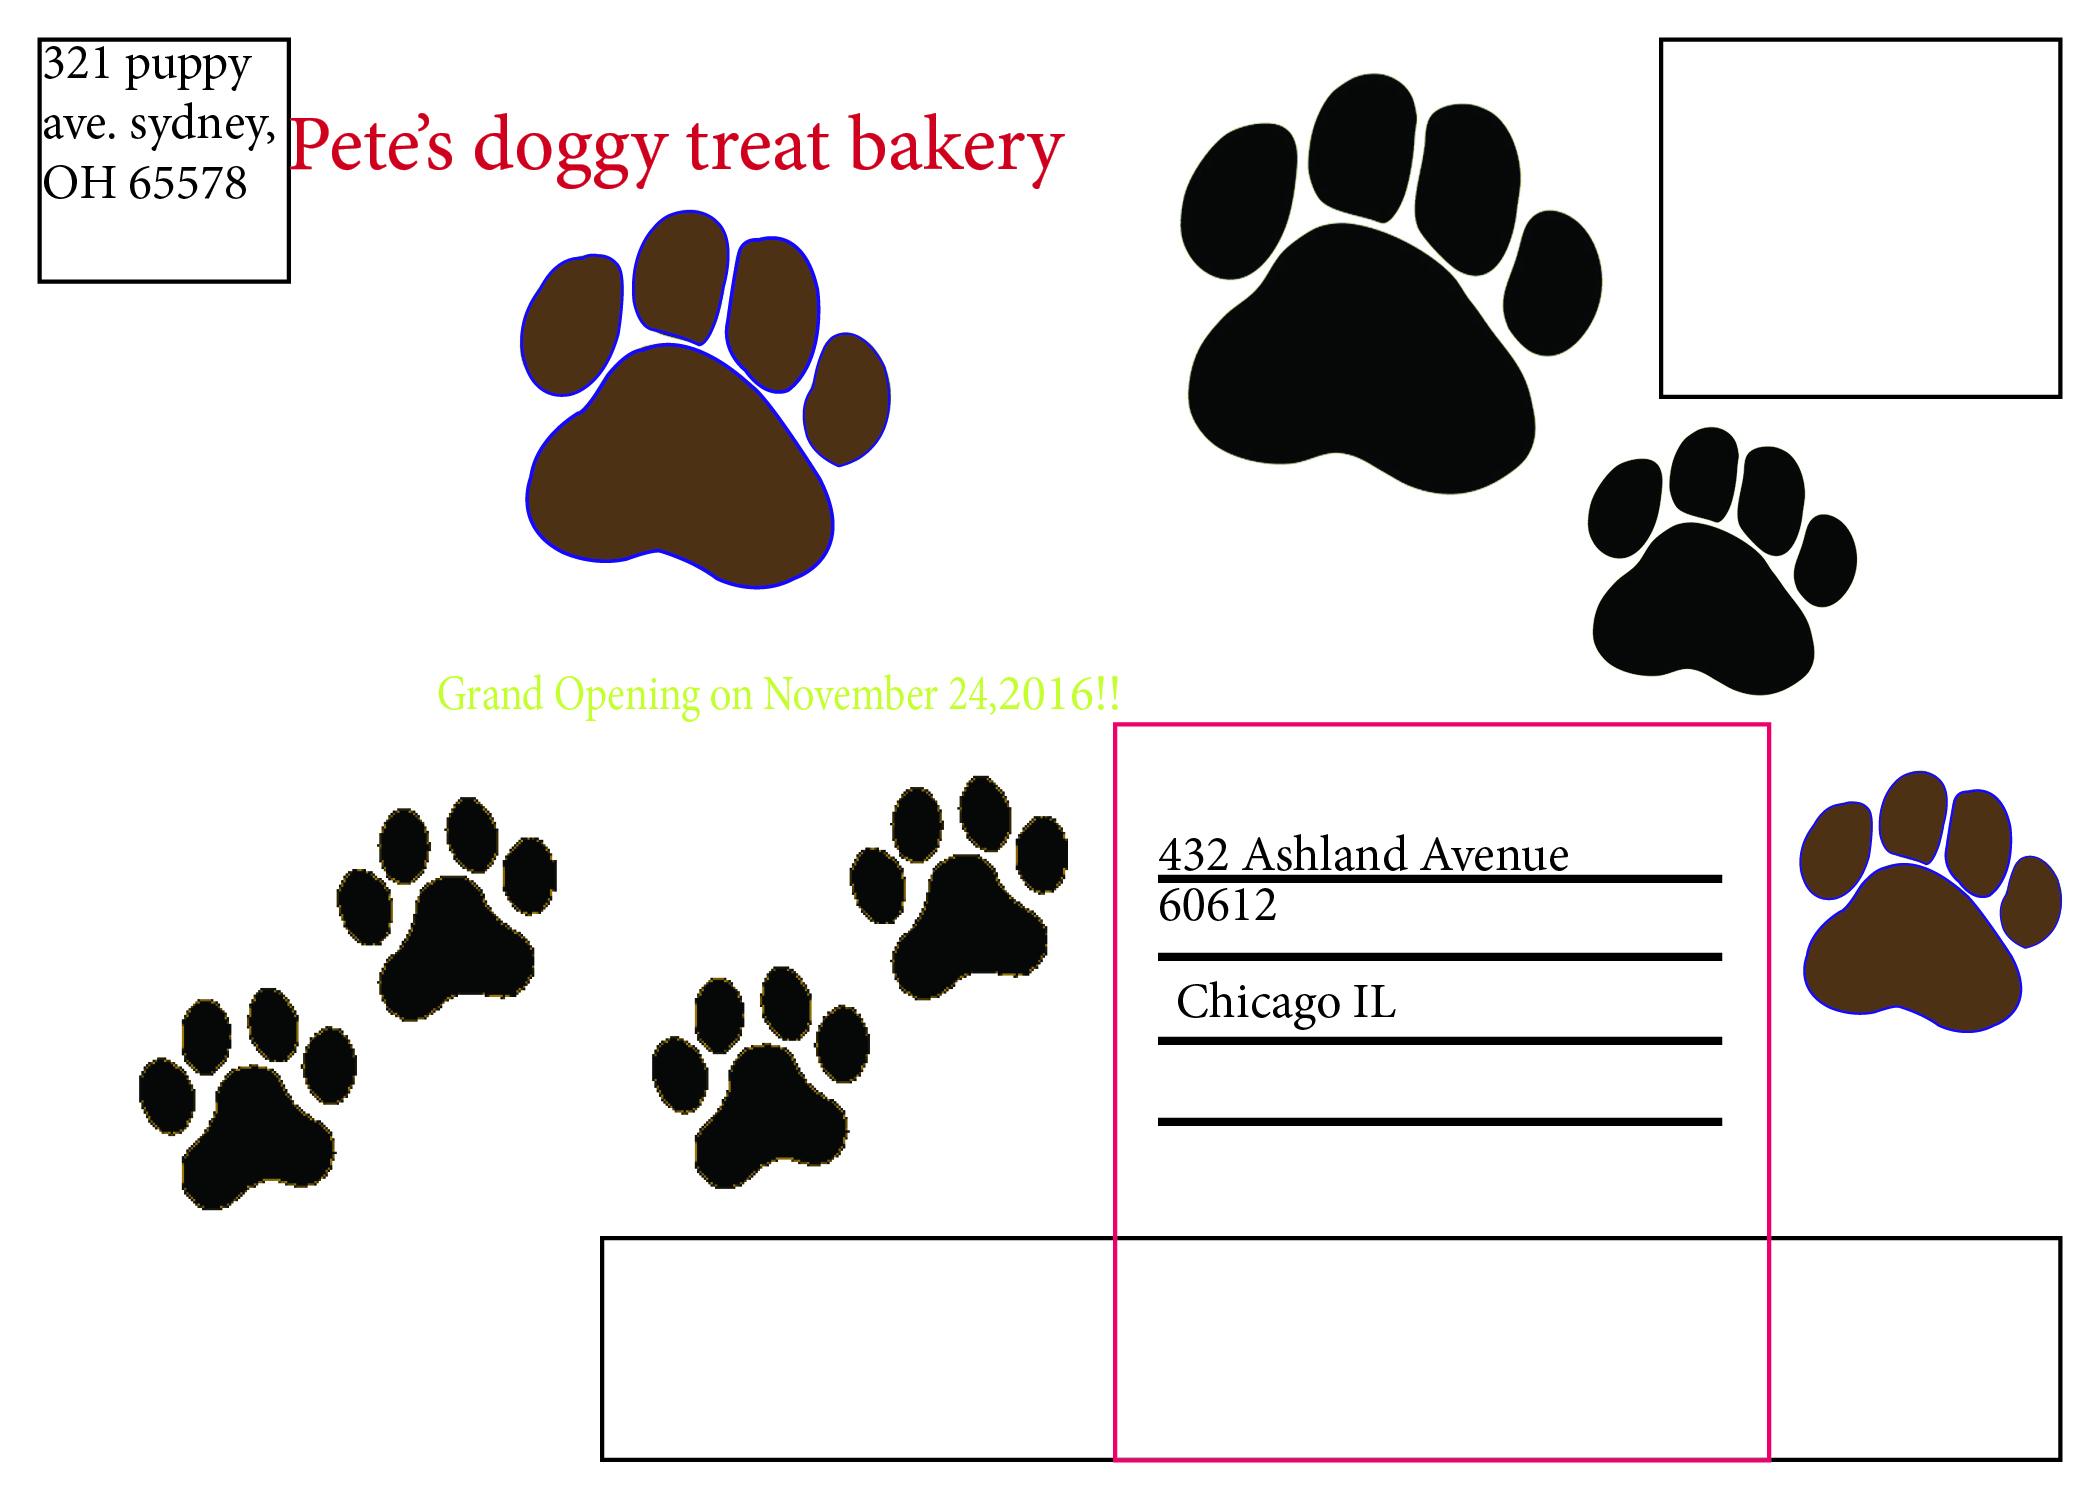 dingledine_dog_treat_postcard.jpg